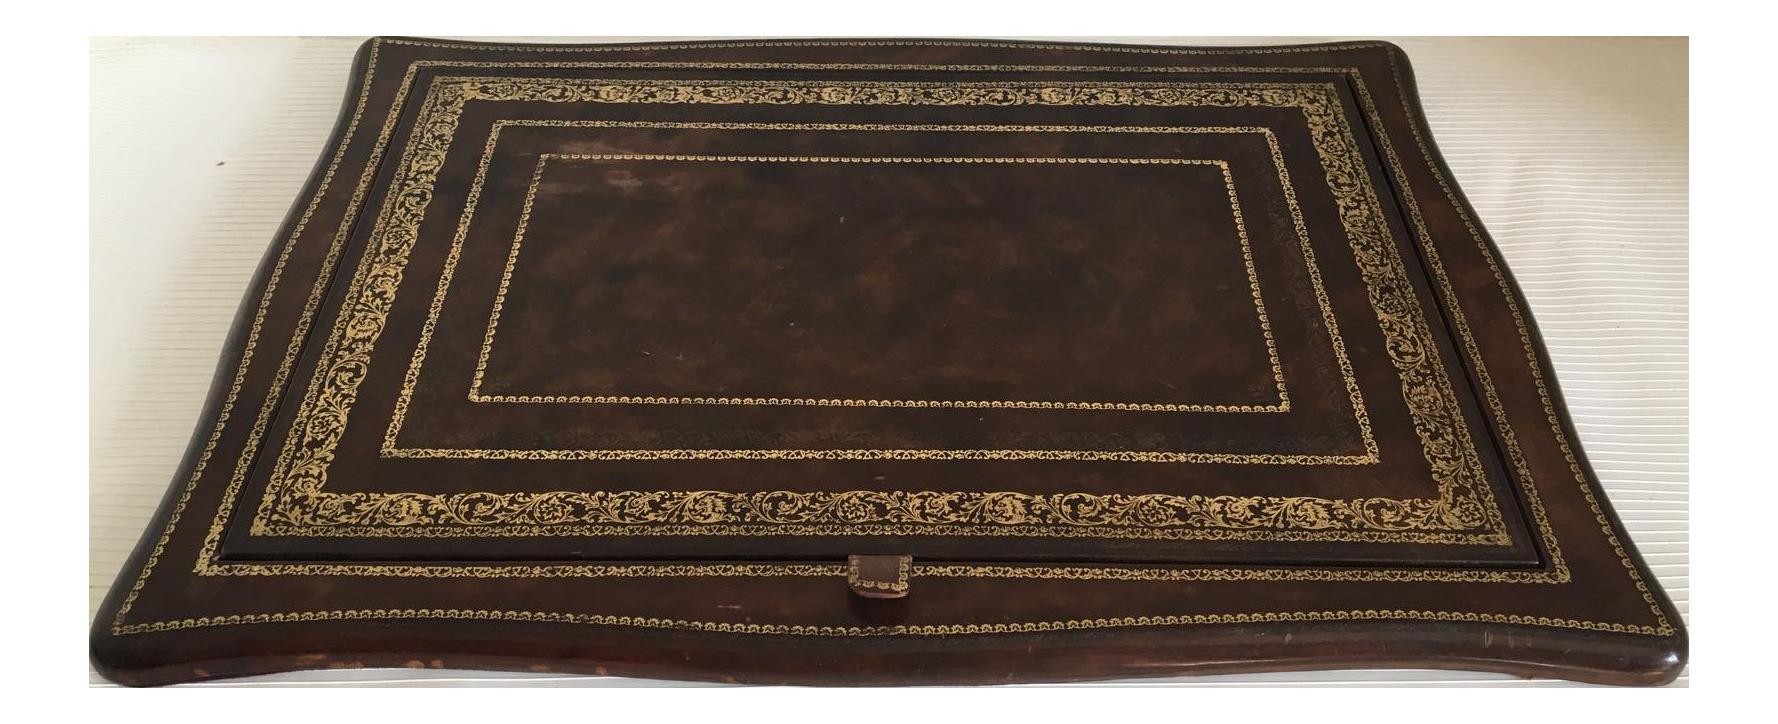 Ralph Lauren Gold Embossed Leather Writing Desk Blotter